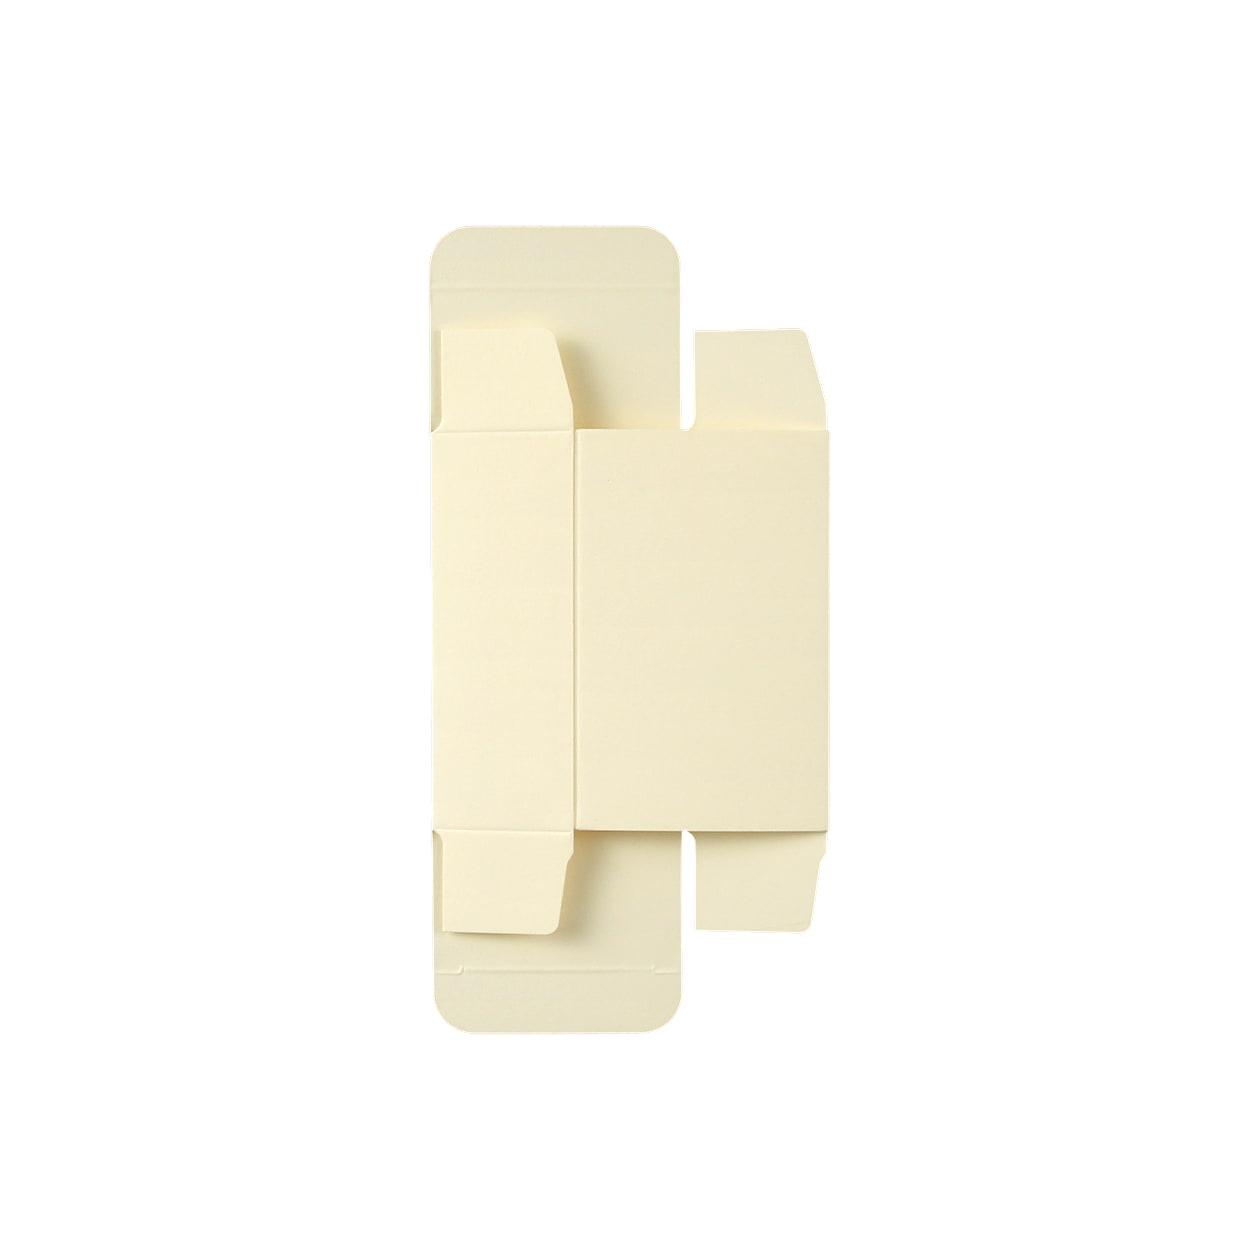 キャラメル箱60×35×95 コットン ナチュラル 232.8g